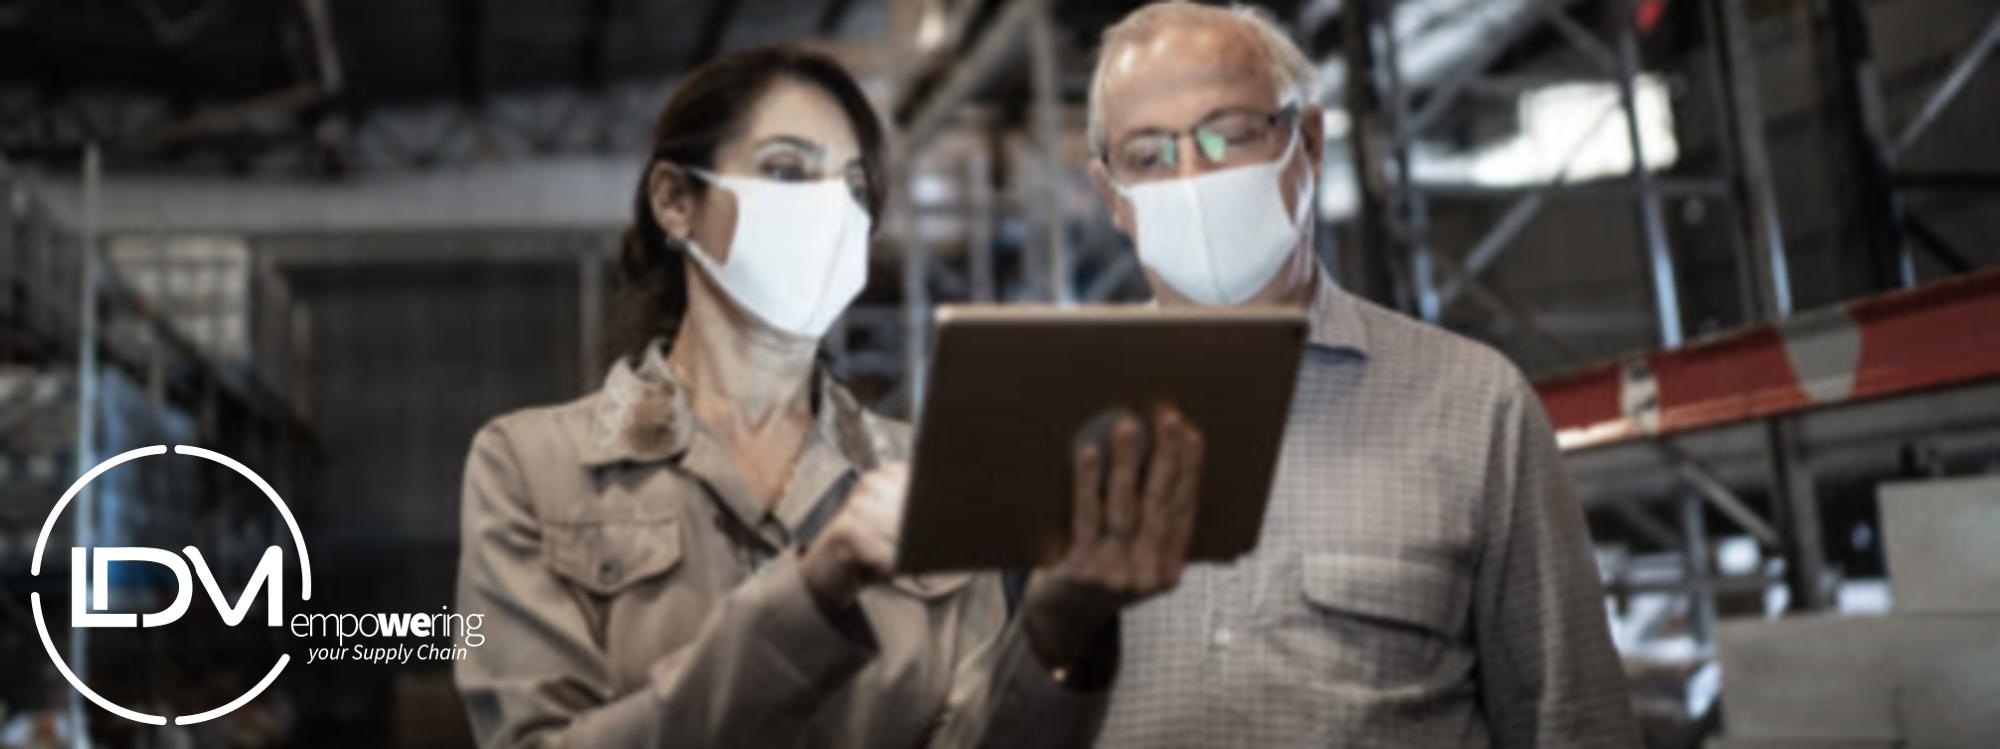 La transformación de la Cadena de Suministro durante la pandemia